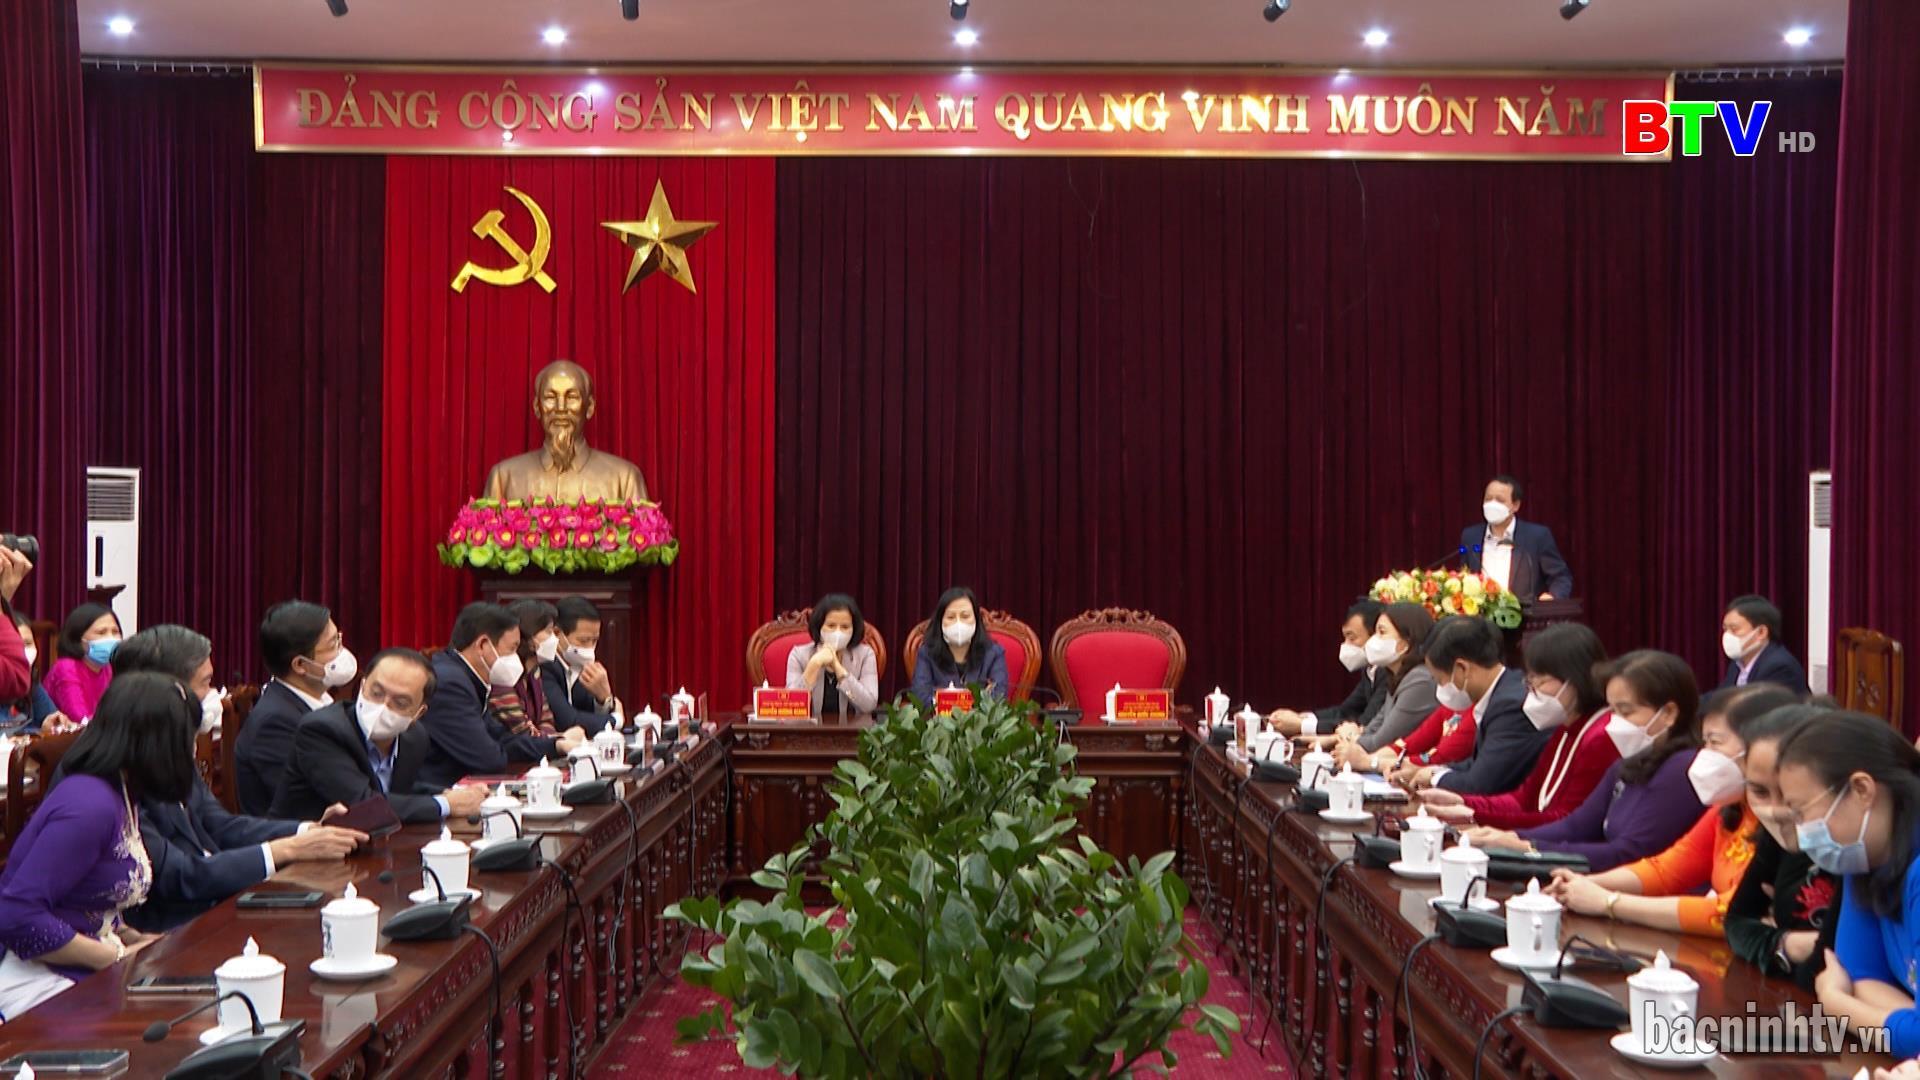 Gặp mặt các cán bộ lãnh đạo nữ thuộc diện Ban Thường vụ Tỉnh ủy quản lý